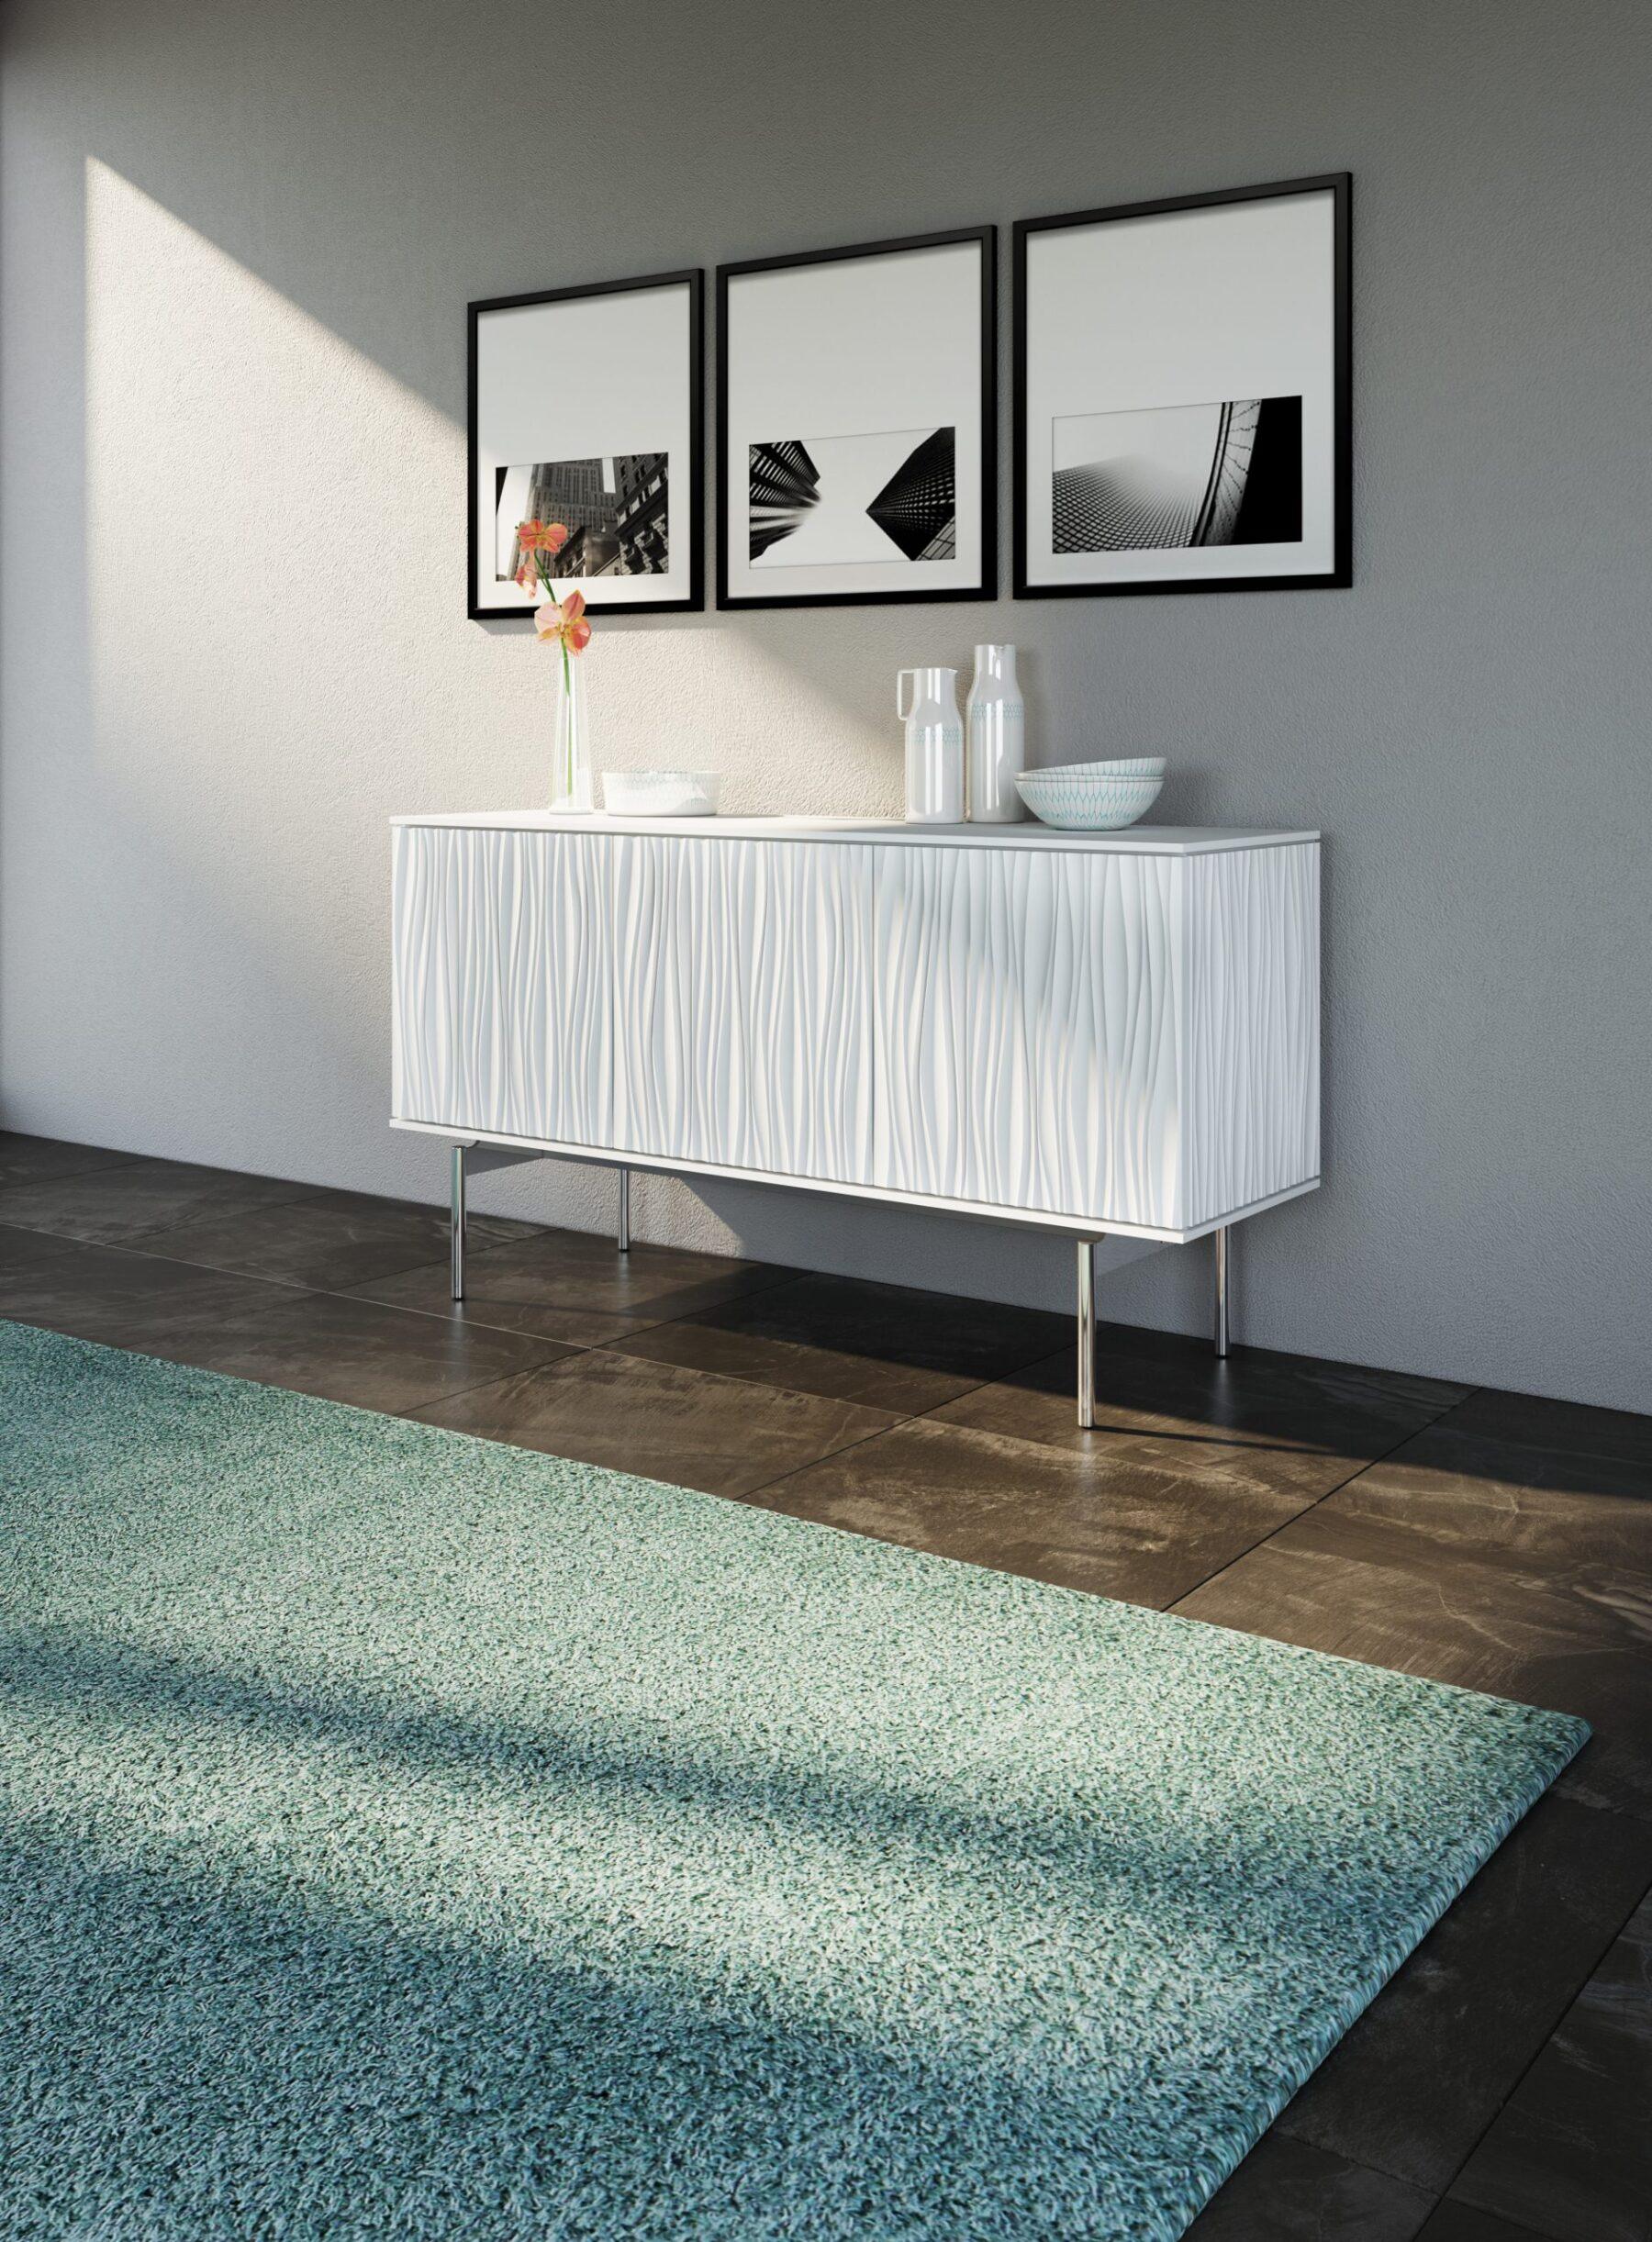 tanami-credenza-7107-bdi-storage-console-white-01